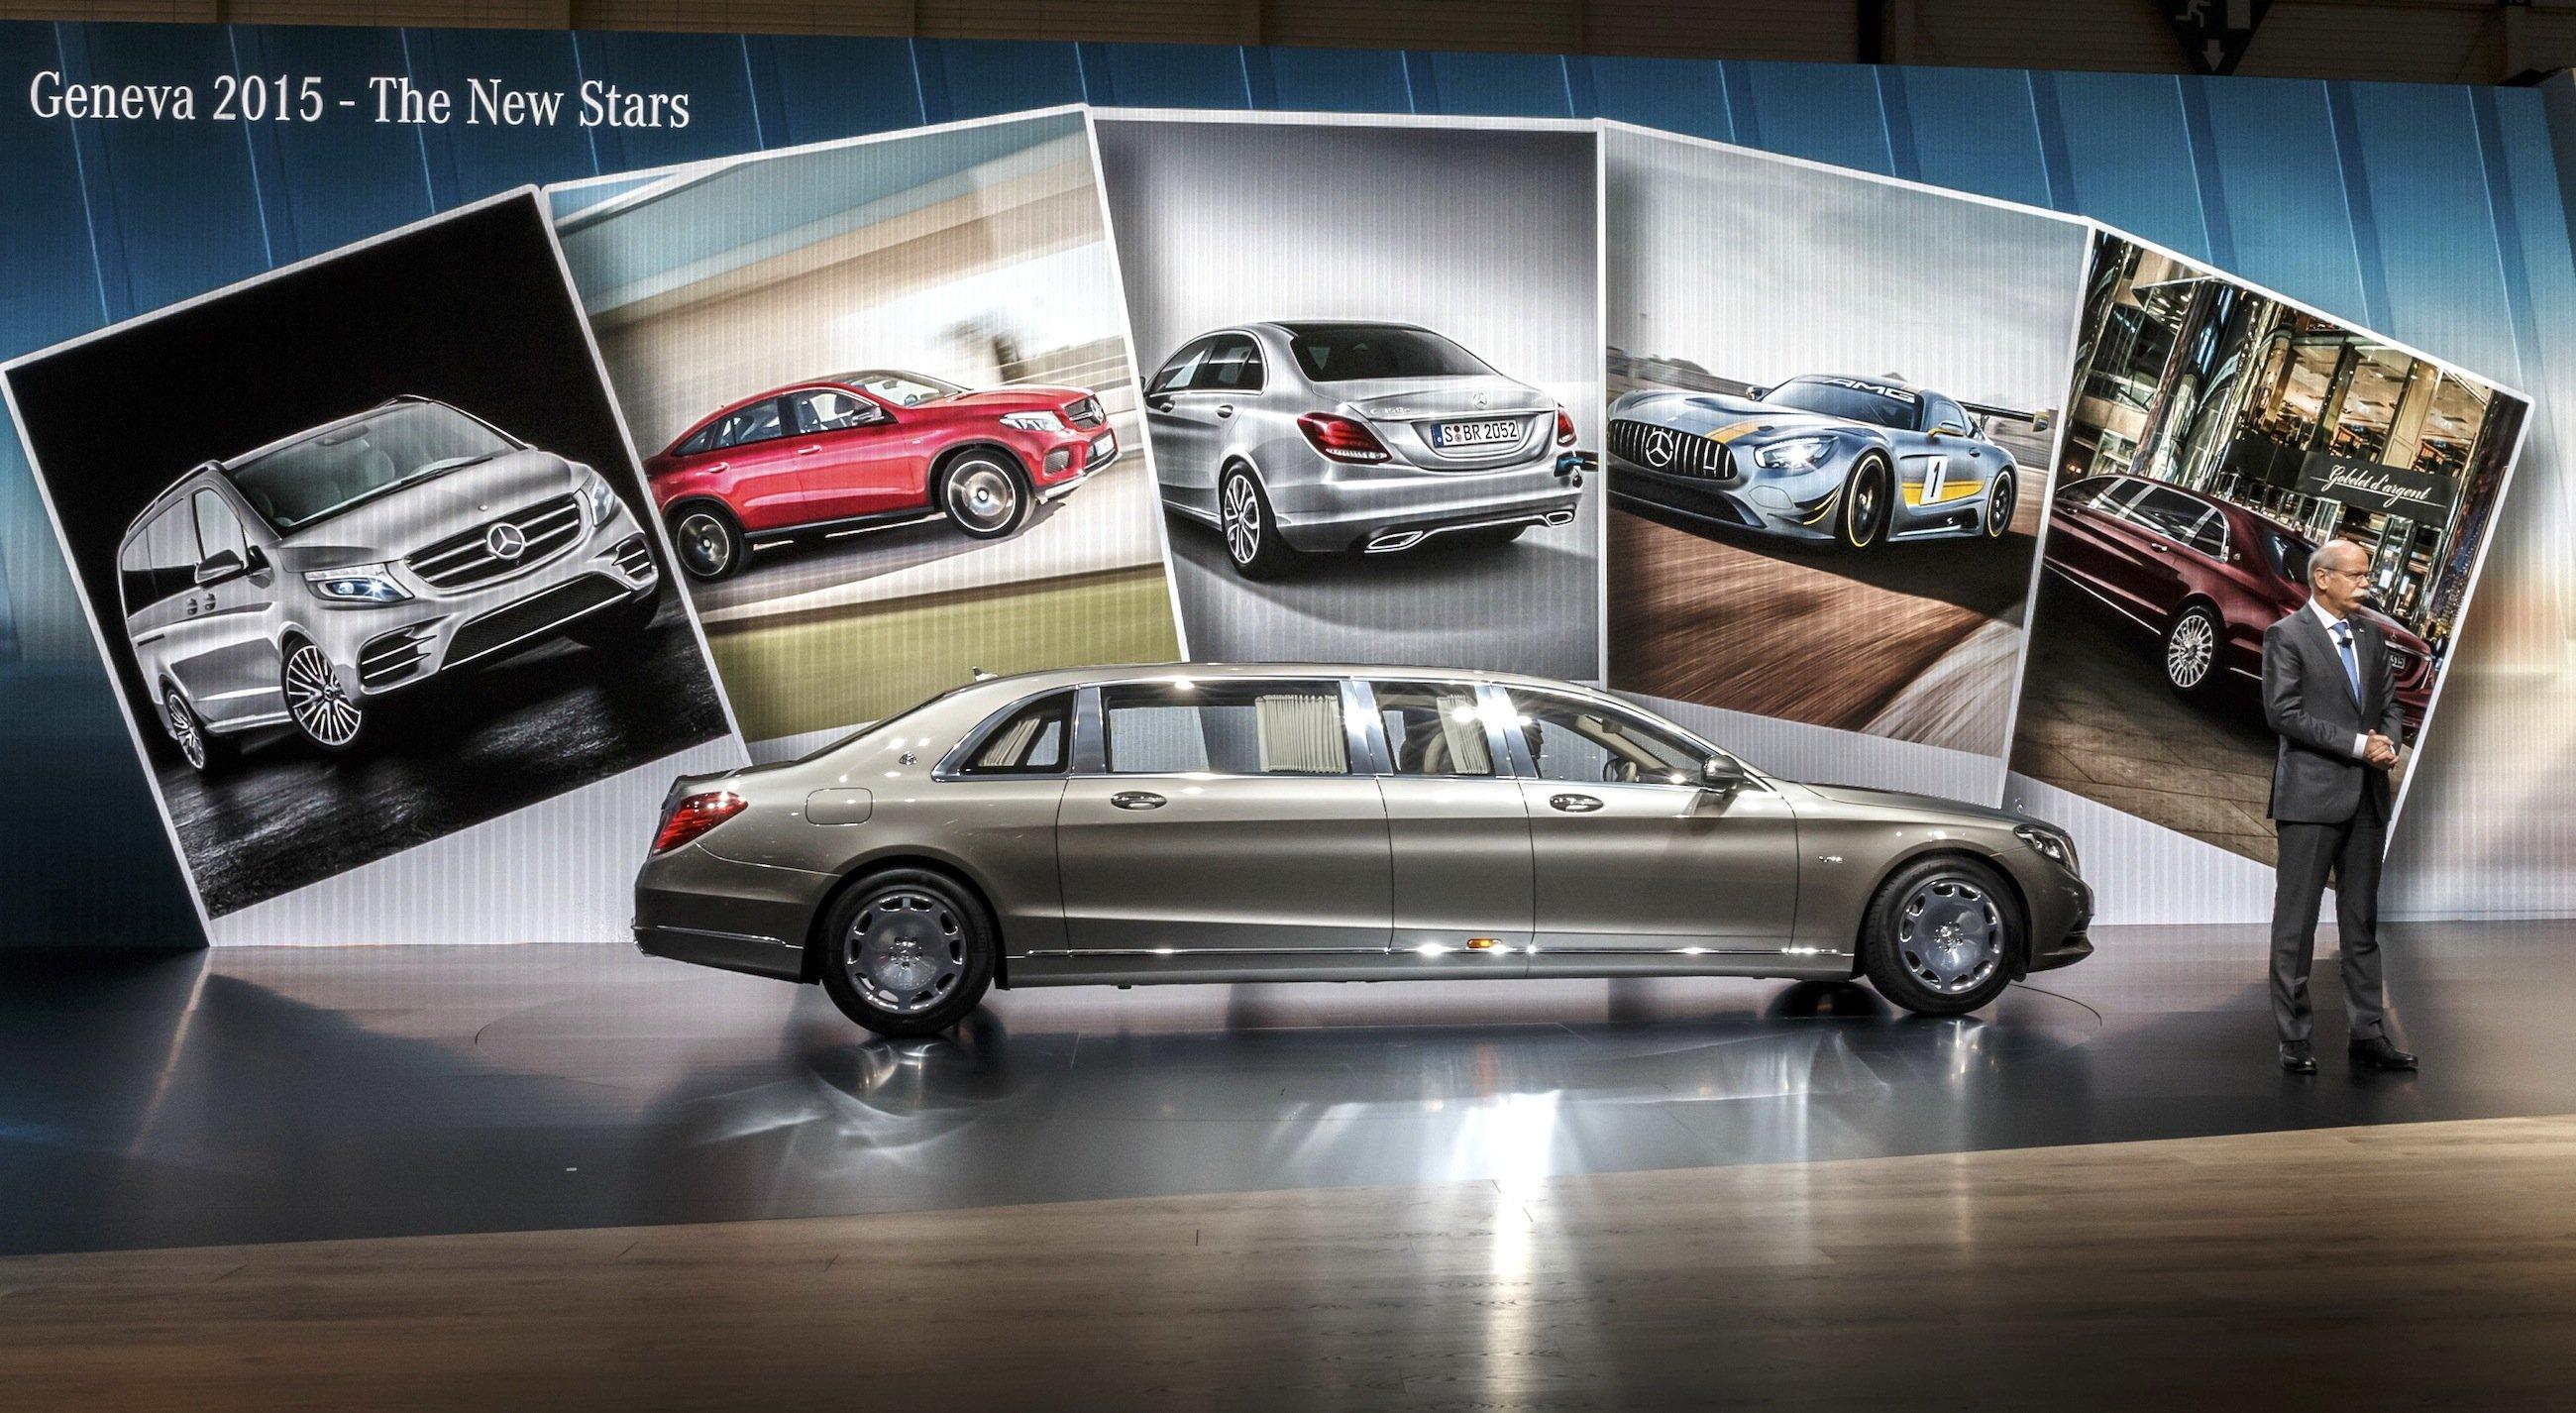 Ganz schön lang: Daimler präsentiert zum 50-Jährigen der legendären Limousine Maybach einen sechseinhalb Meter langenMaybach S600 Pullmann, der vor allem für den chinesischen Markt gedacht ist.